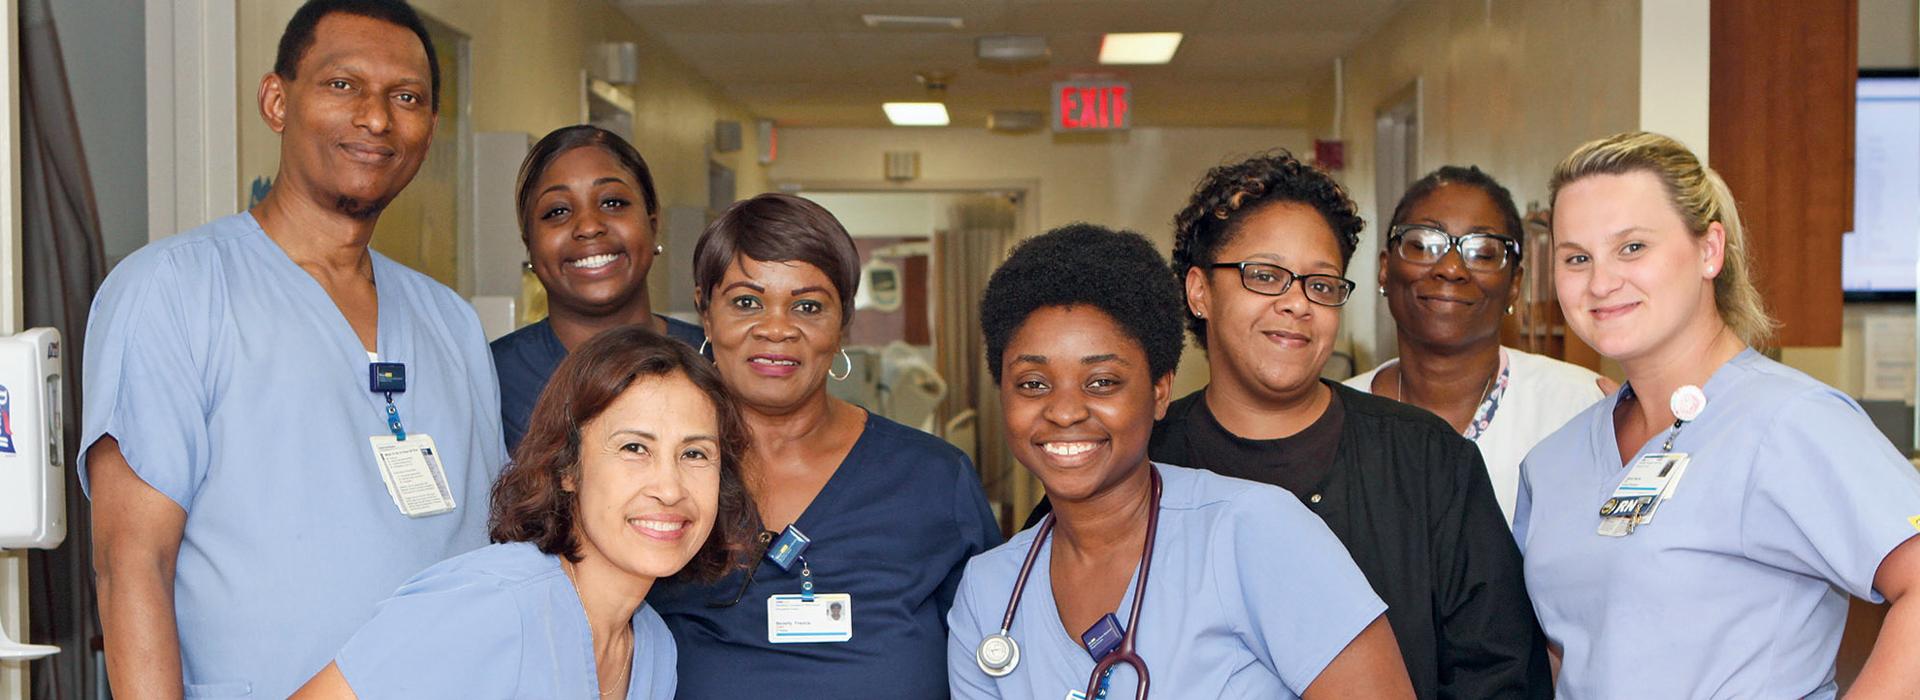 MedStar Southern Maryland Hospital Center